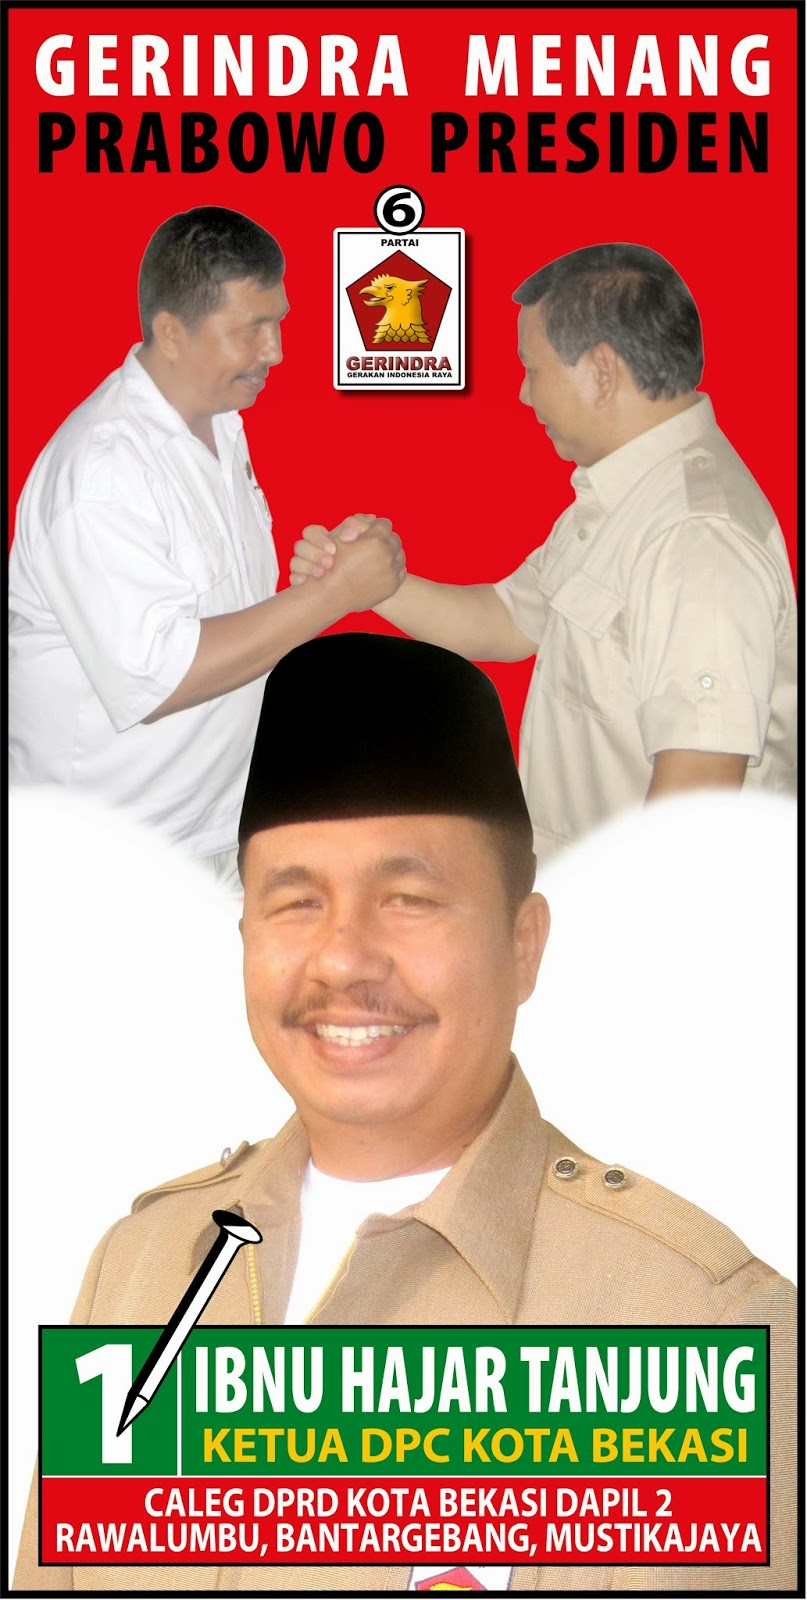 Ibnu Hajar Tanjung, Caleg DPRD Kota Bekasi, dapil 2, Bantar Gebang, Mustika Jaya dan Rawalumbu